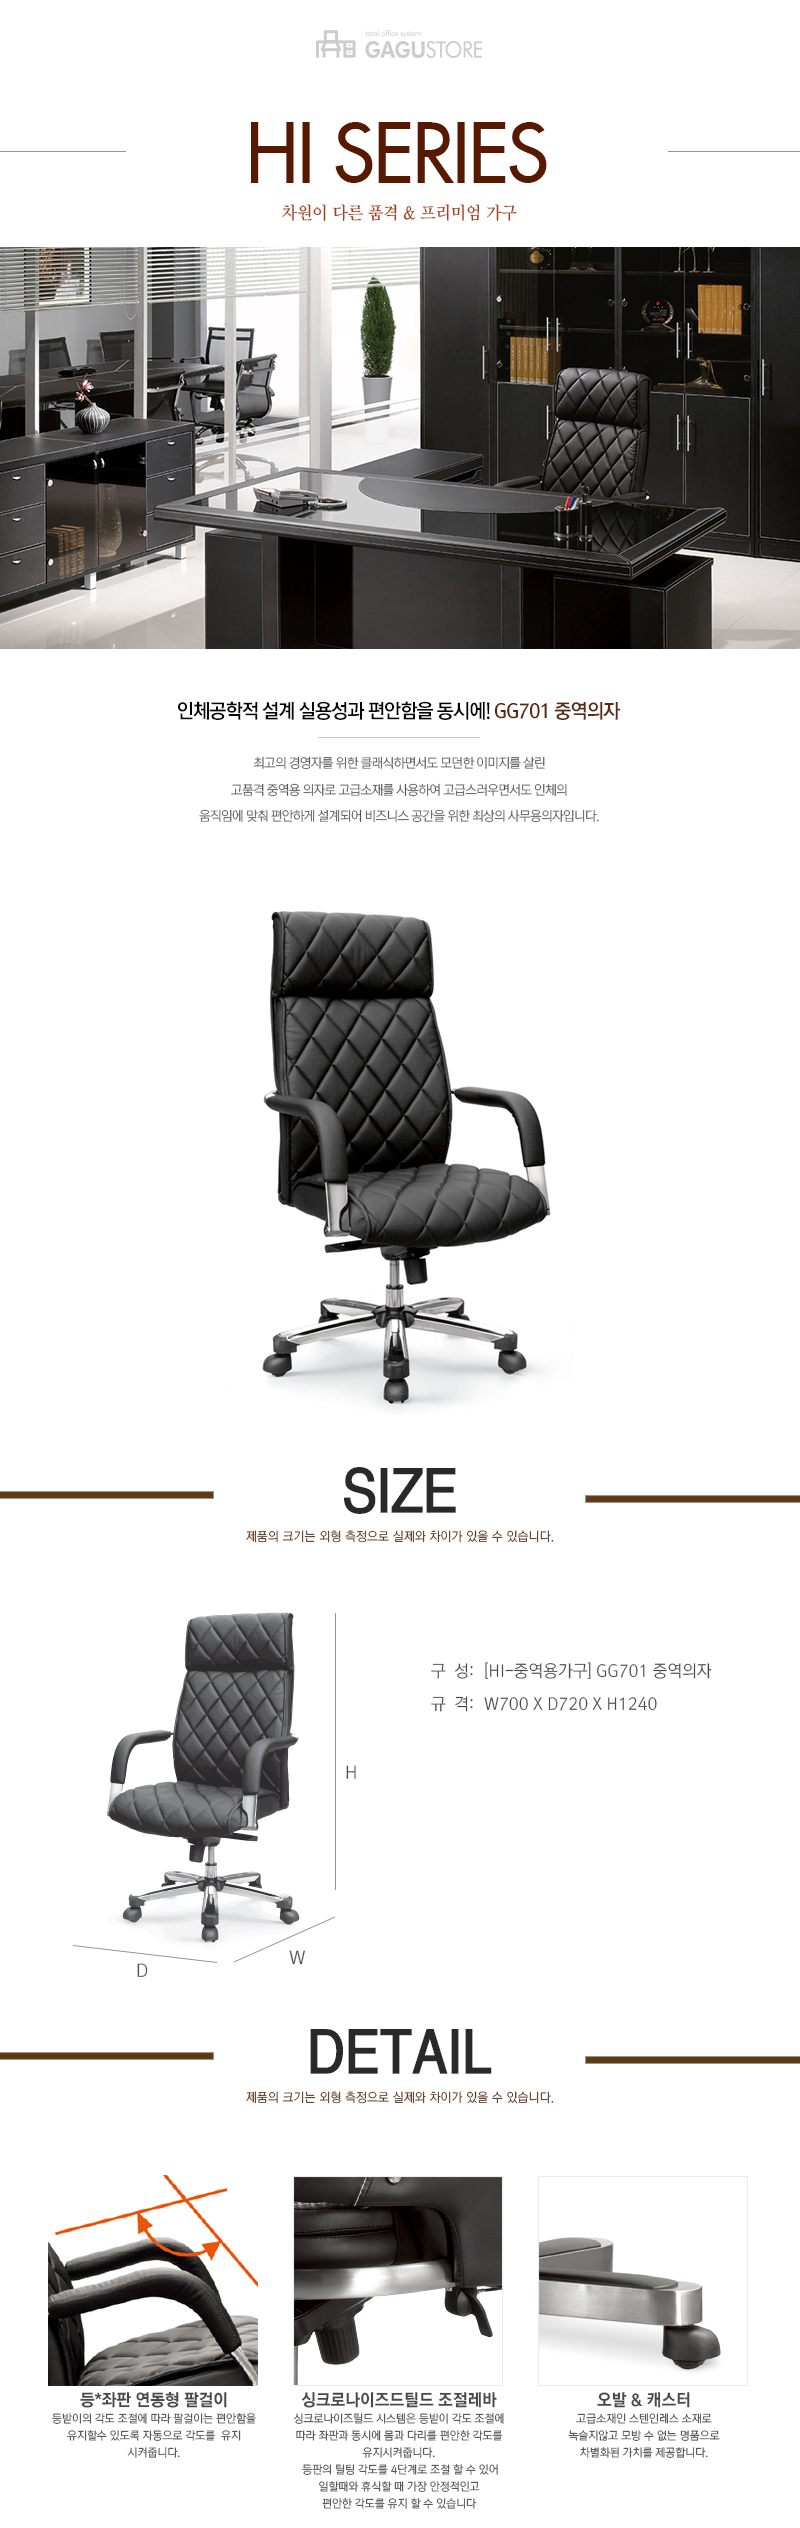 chi tiết sản phẩm ghế giám đốc nhập khẩu GG-701